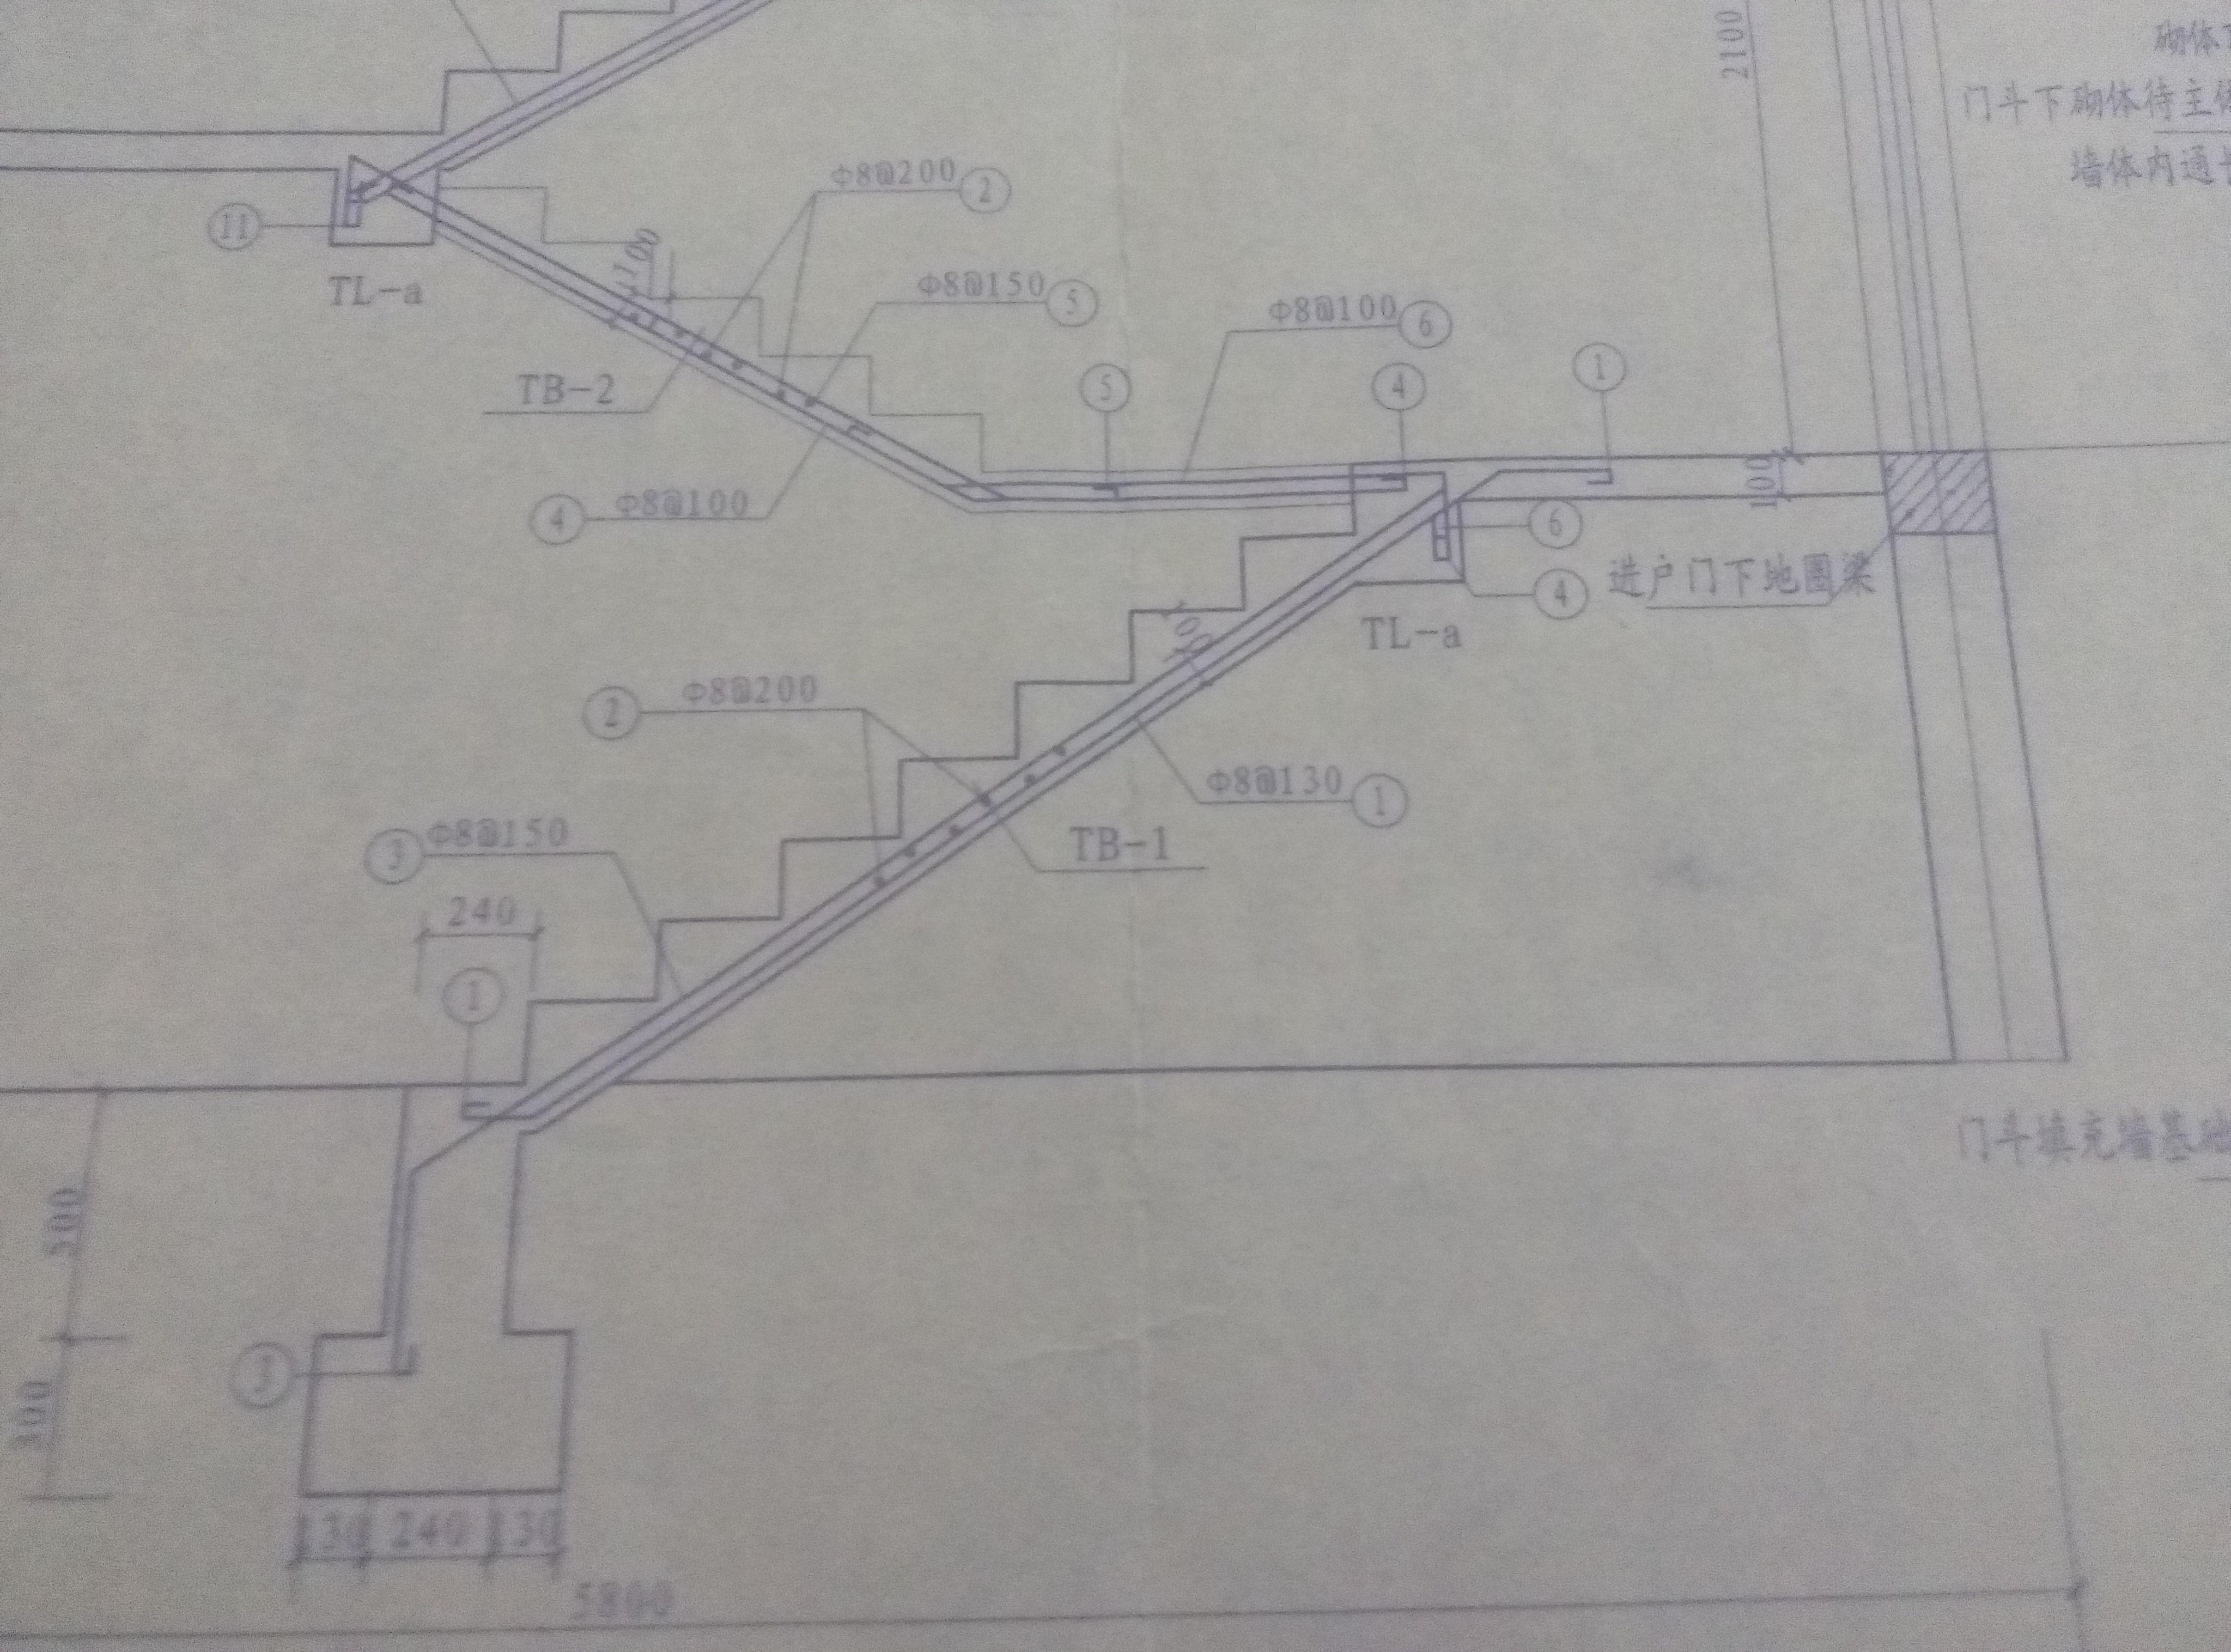 应该这种图纸在广联达楼梯算量里请问v图纸哪种eta钢筋2836机芯图片